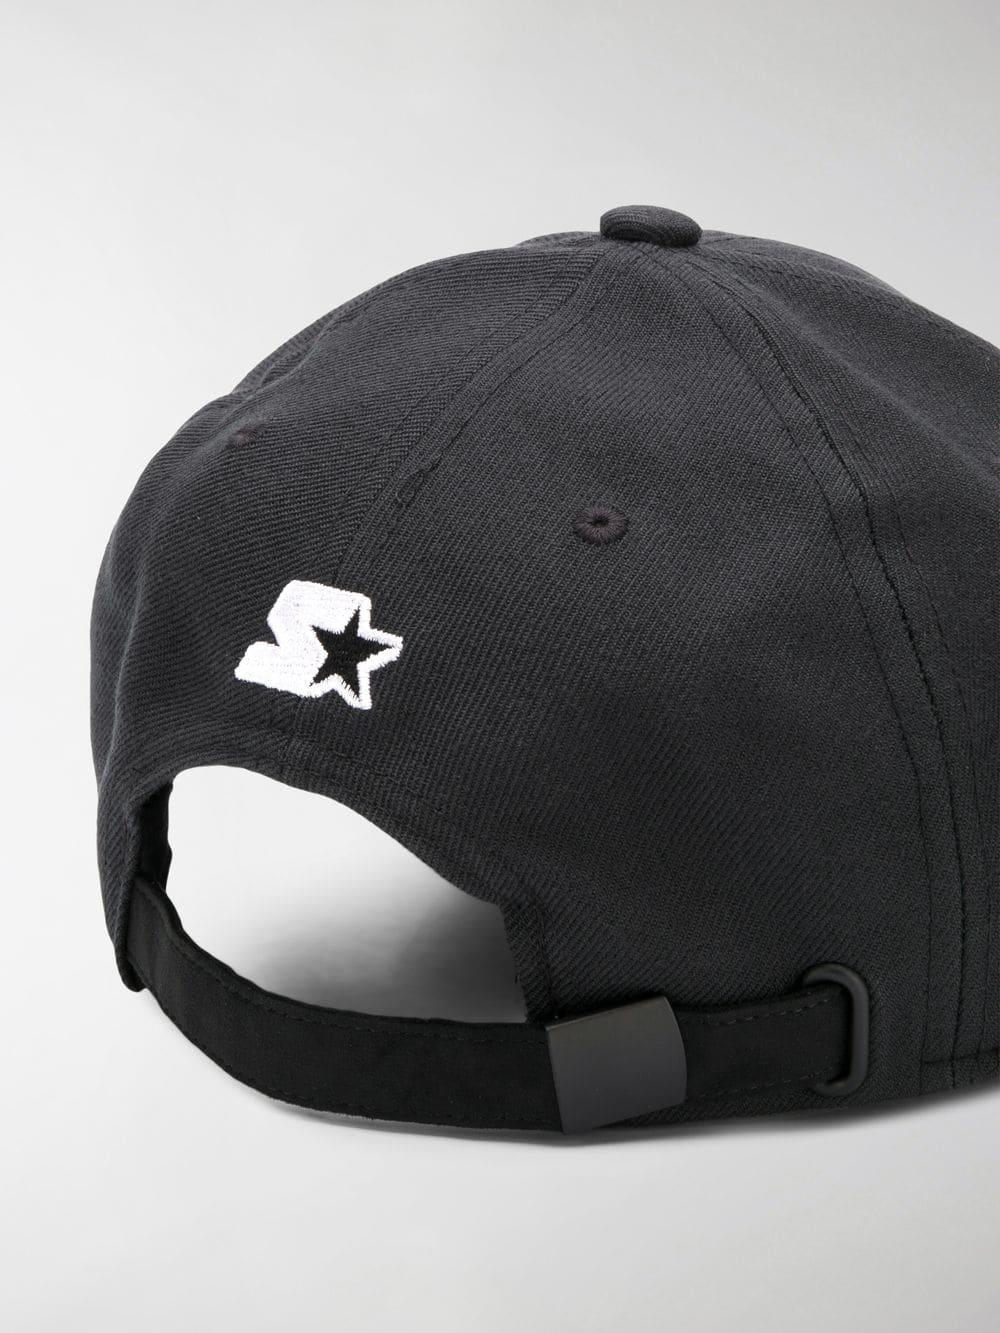 7c3a63c2d02 Marcelo Burlon - Black Starter Cross Cap for Men - Lyst. View fullscreen